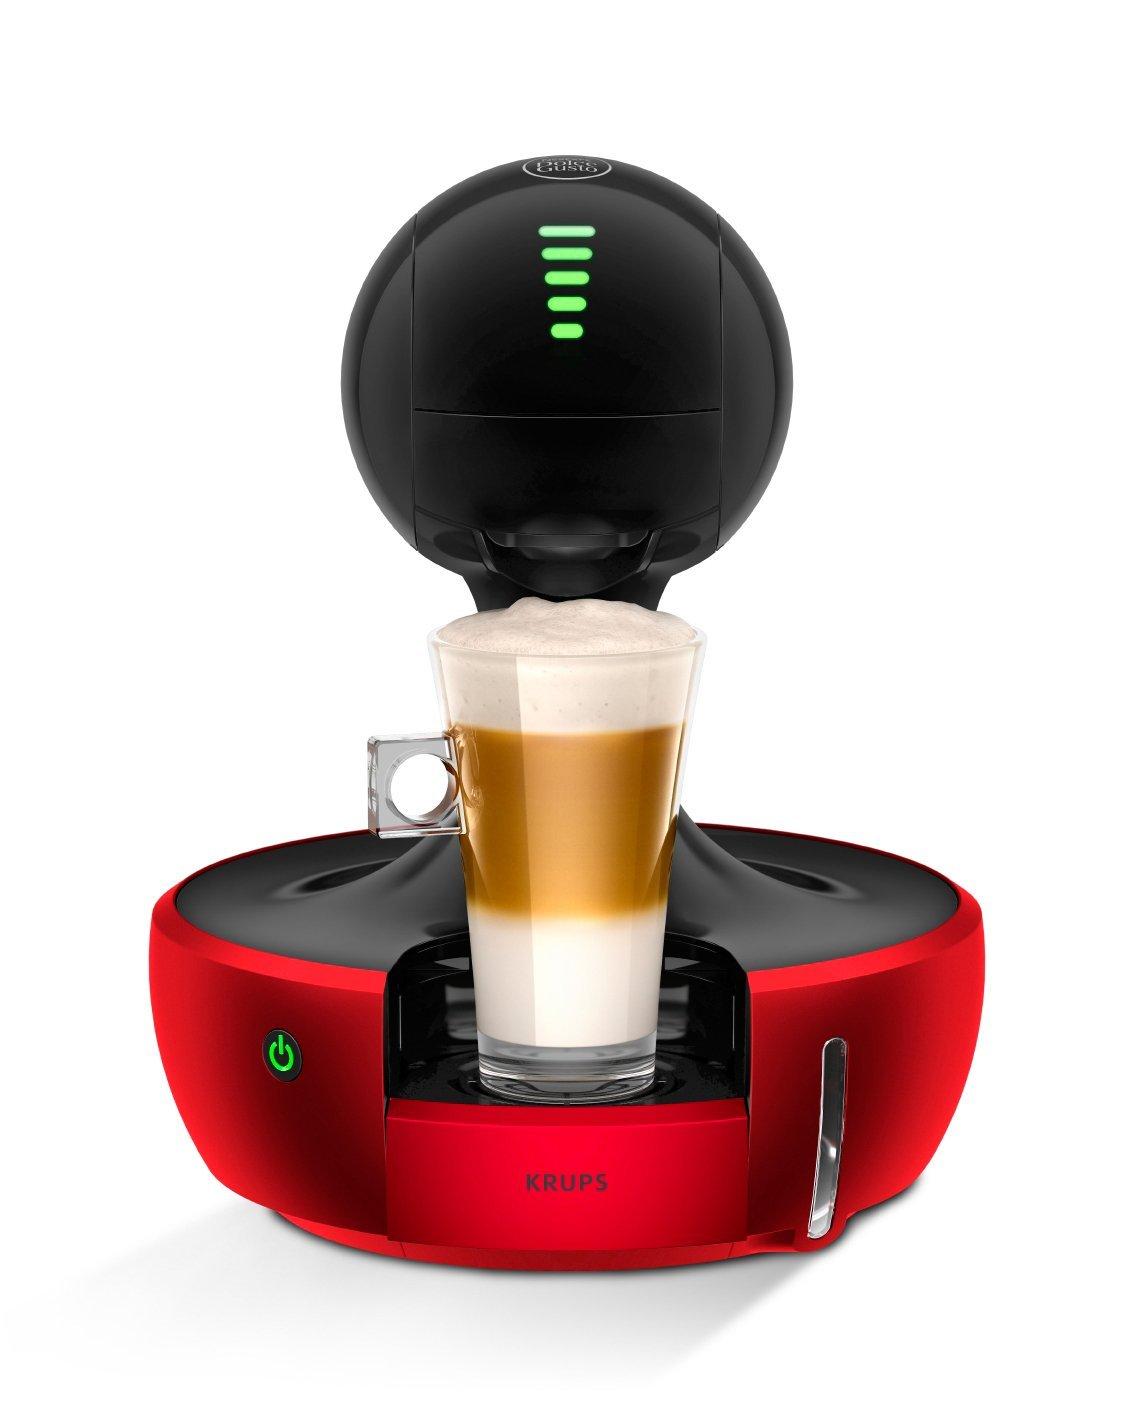 Krups-KP-3505-Nescaf-Dolce-Gusto-Drop-Kaffeekapselmaschine-1500-W-automatisch-rot-Zertifiziert-und-Generalberholt